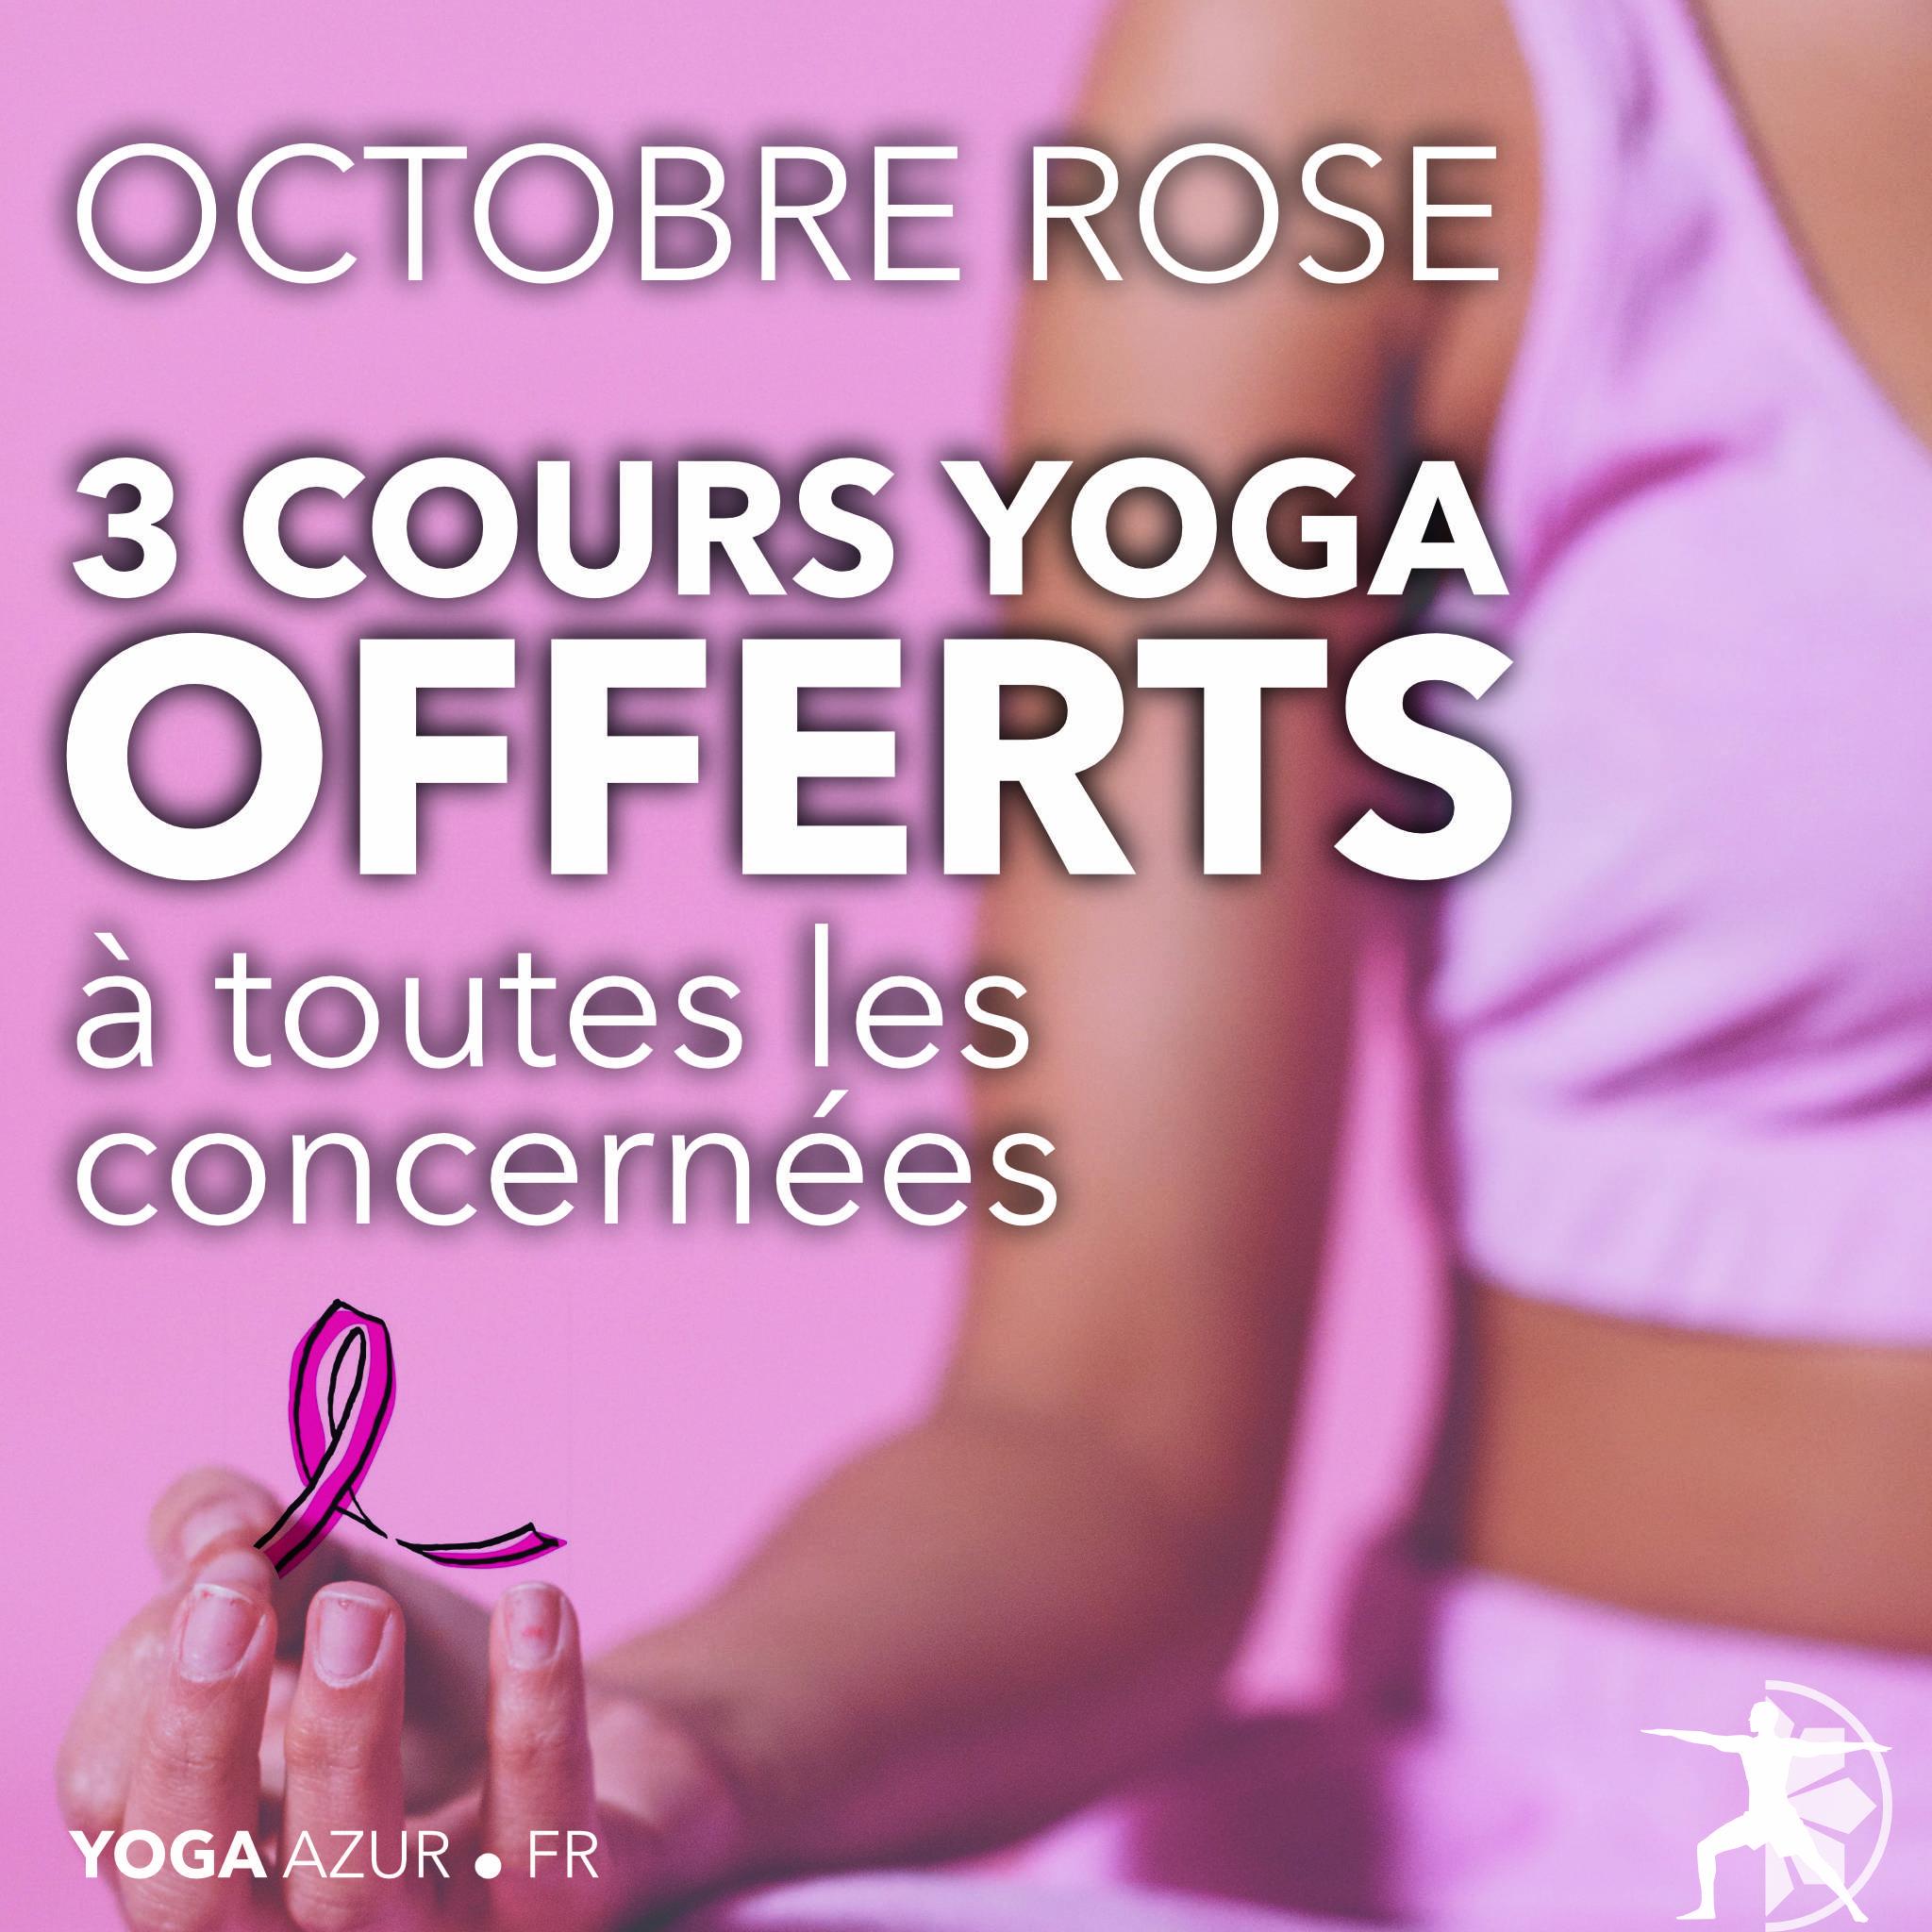 Octobre rose - Yoga - Sport Santé Bien-être